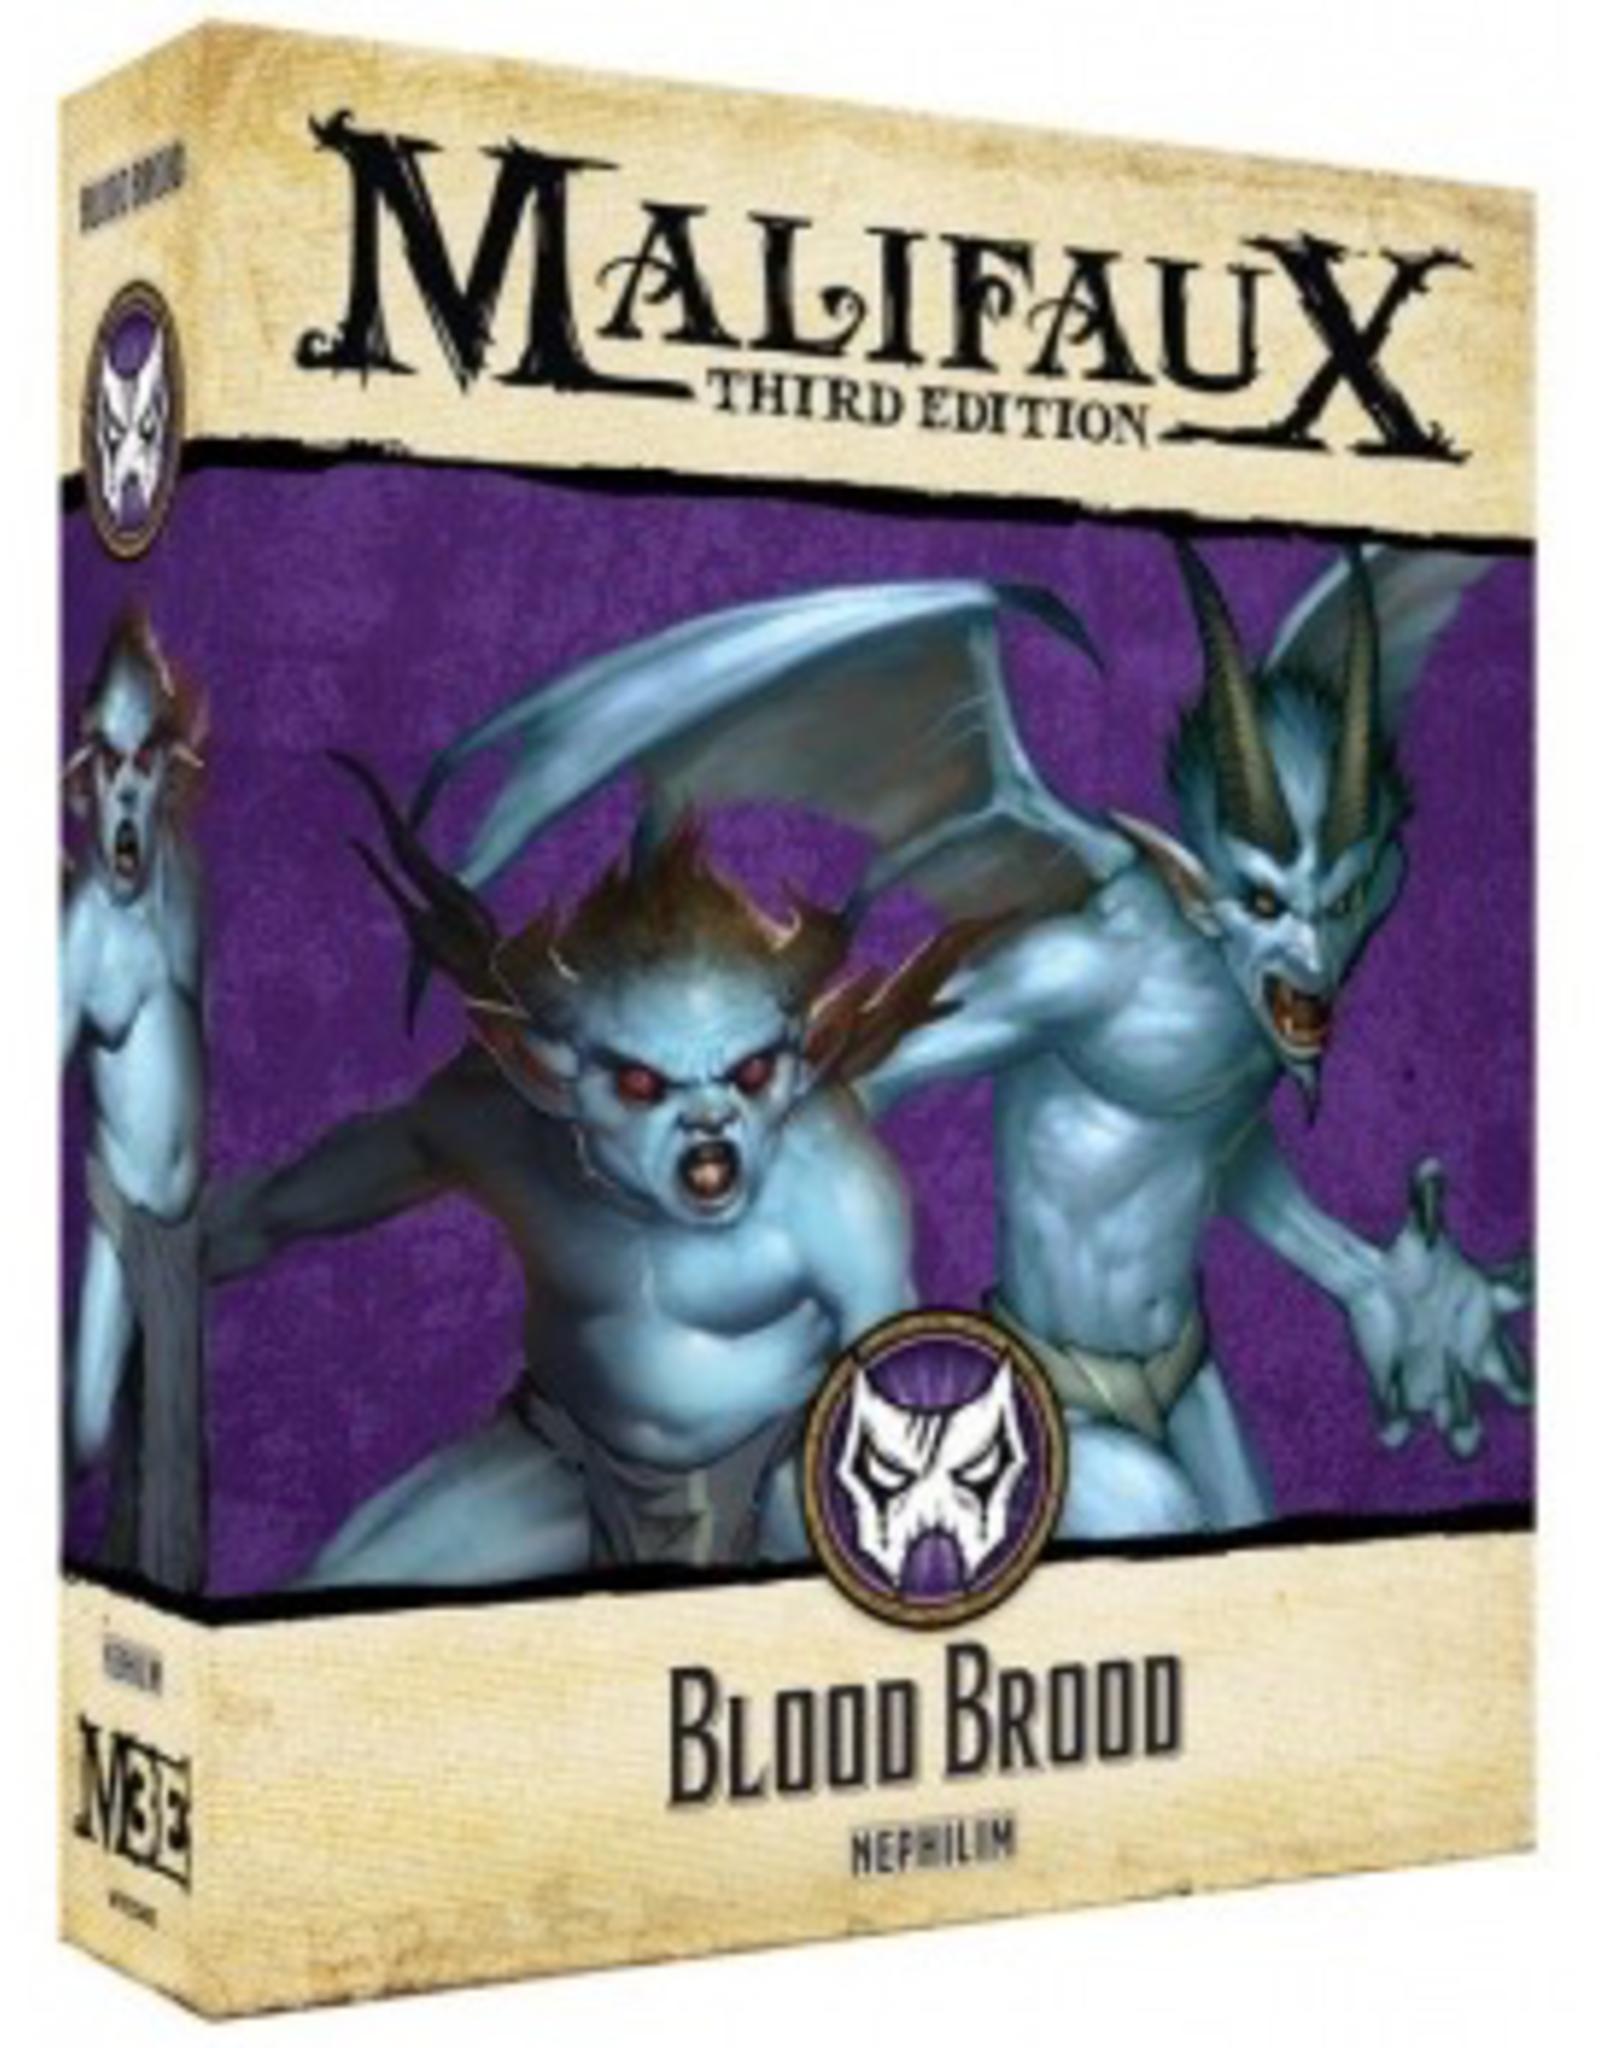 WYR - Malifaux Miniaturen Malifaux 3rd Edition - Blood Brood - EN